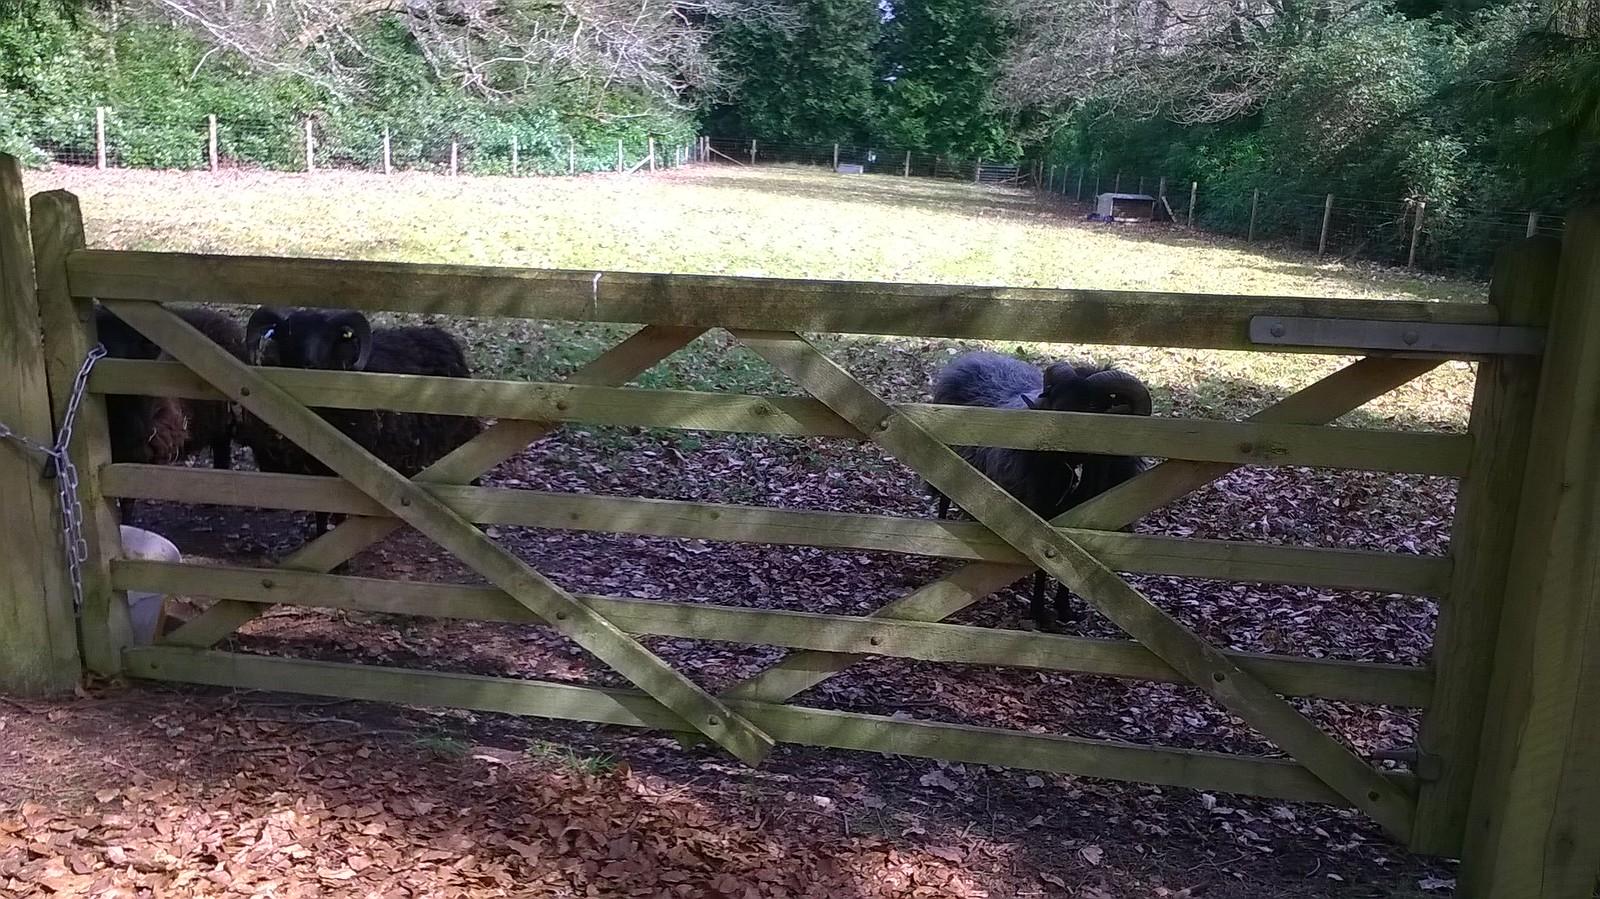 Peekaboo! Black sheep, Surrey